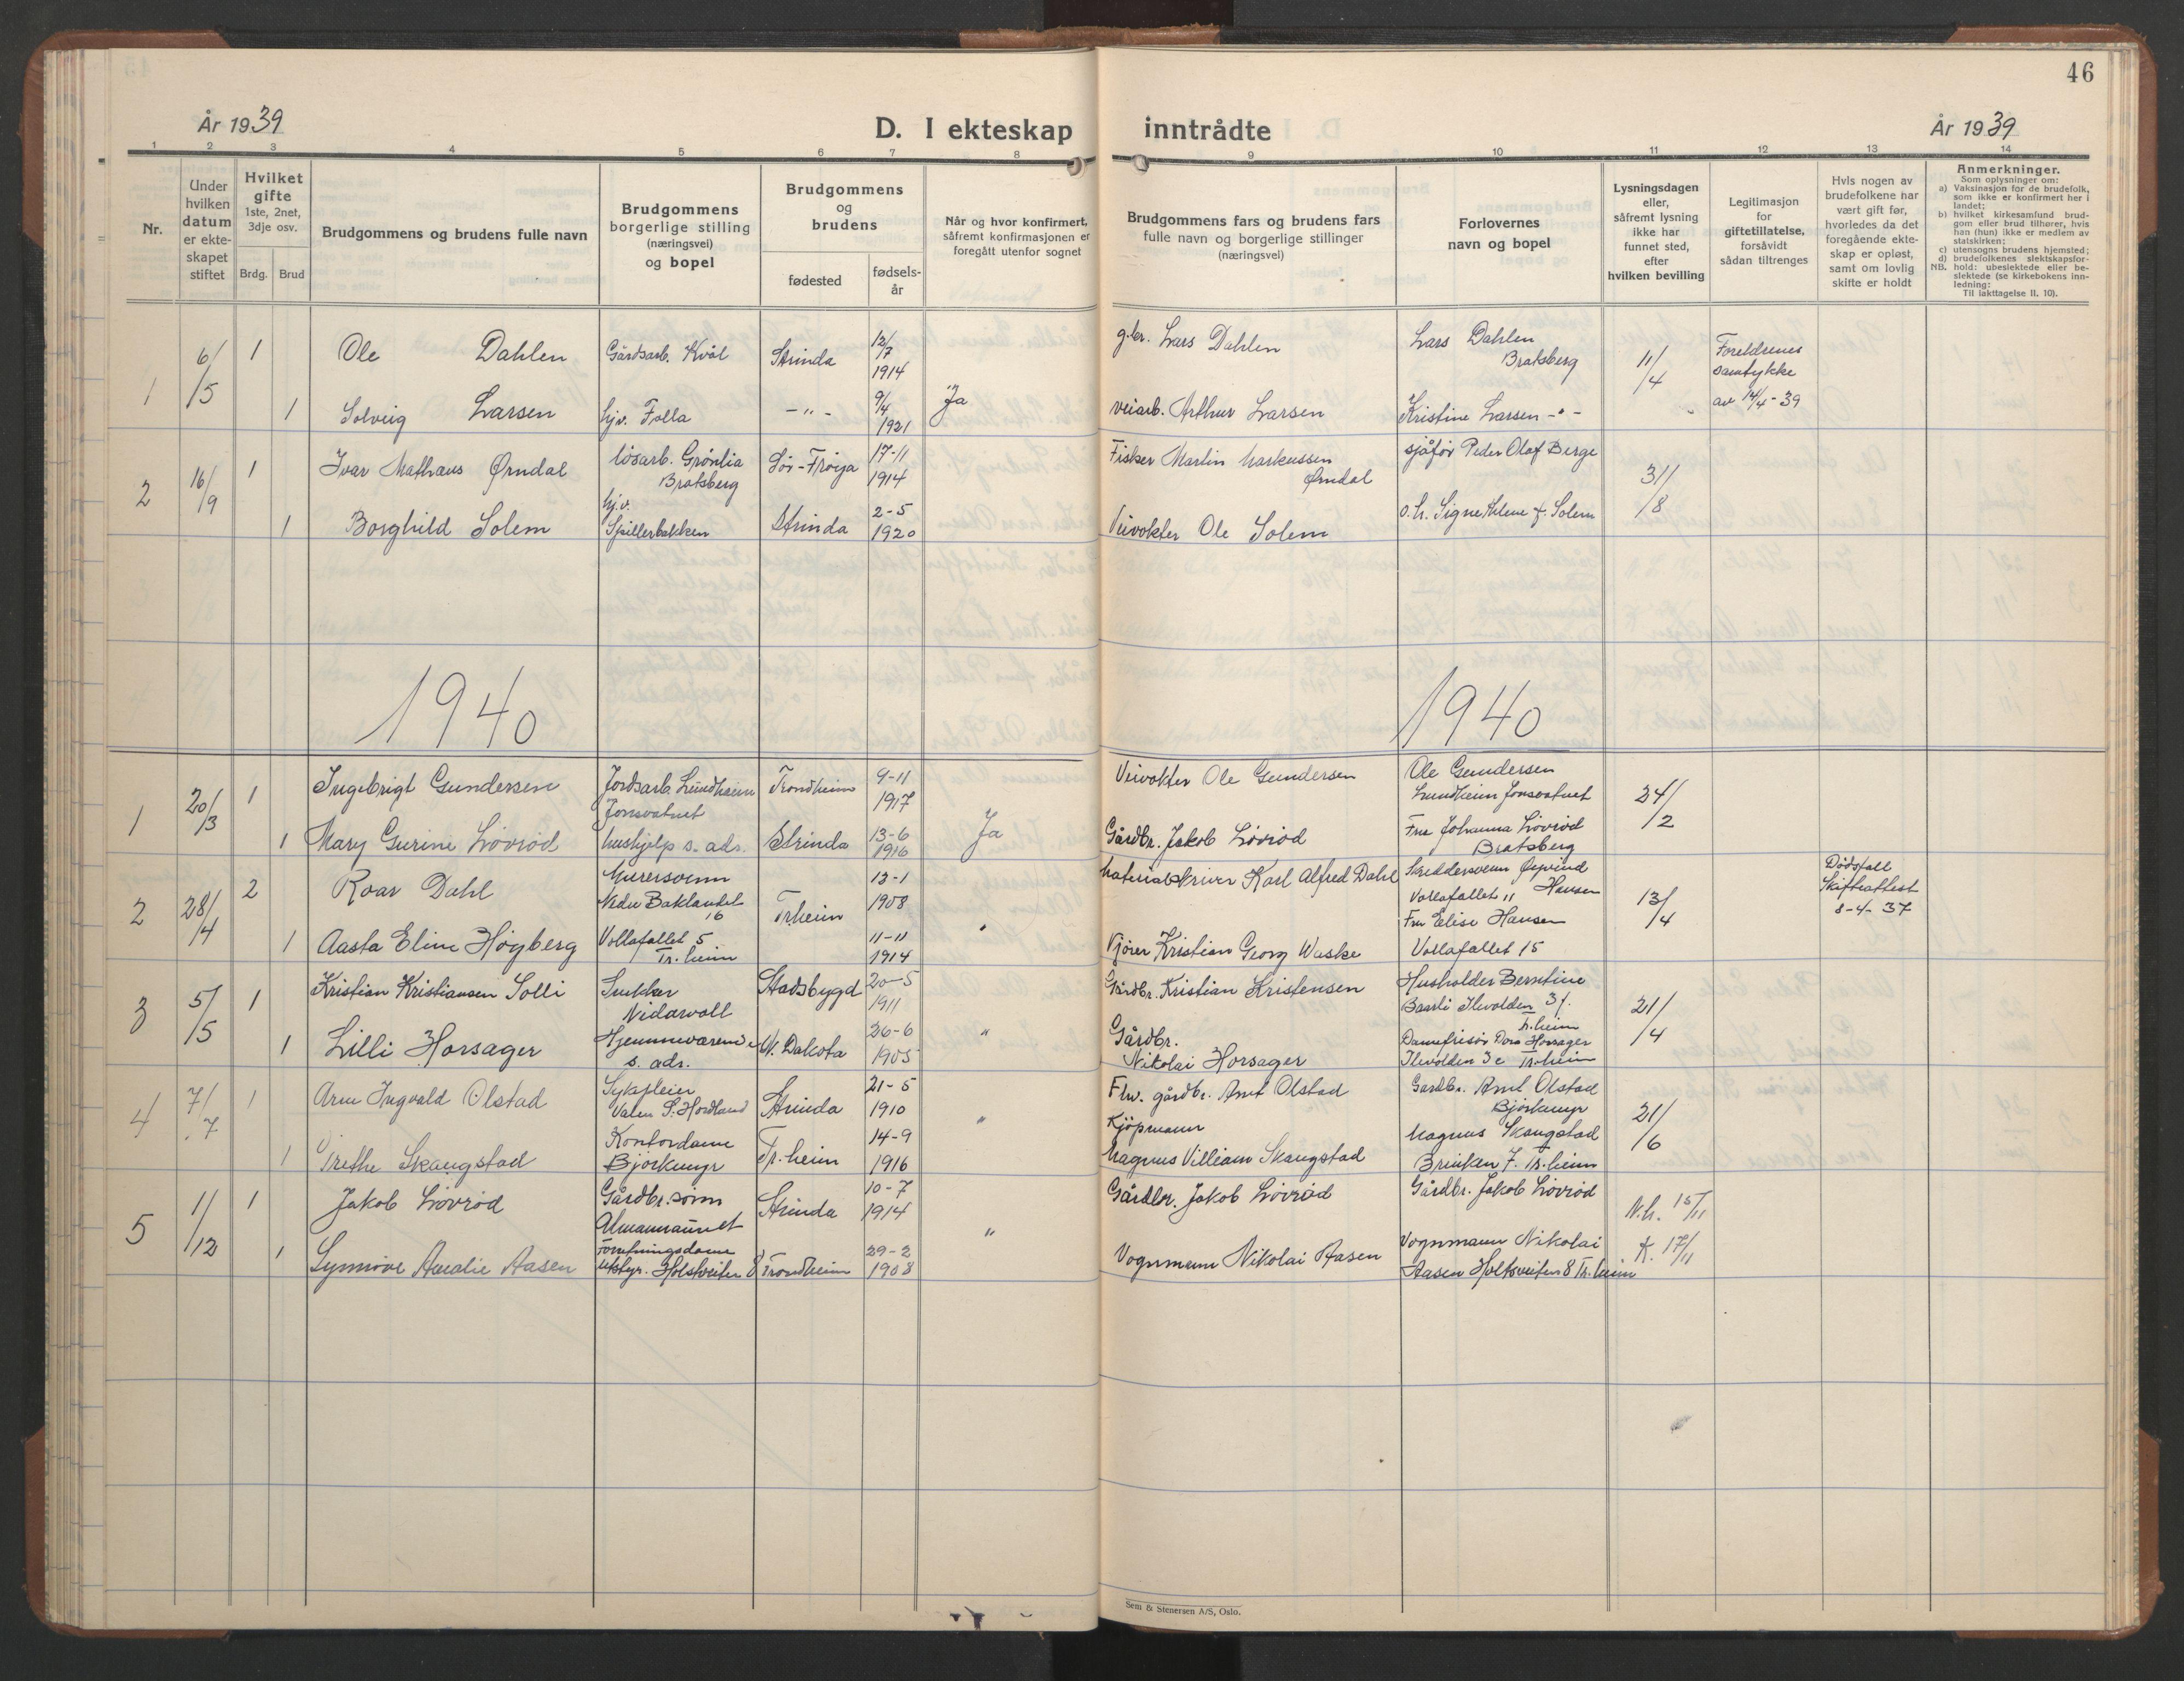 SAT, Ministerialprotokoller, klokkerbøker og fødselsregistre - Sør-Trøndelag, 608/L0343: Klokkerbok nr. 608C09, 1938-1952, s. 46